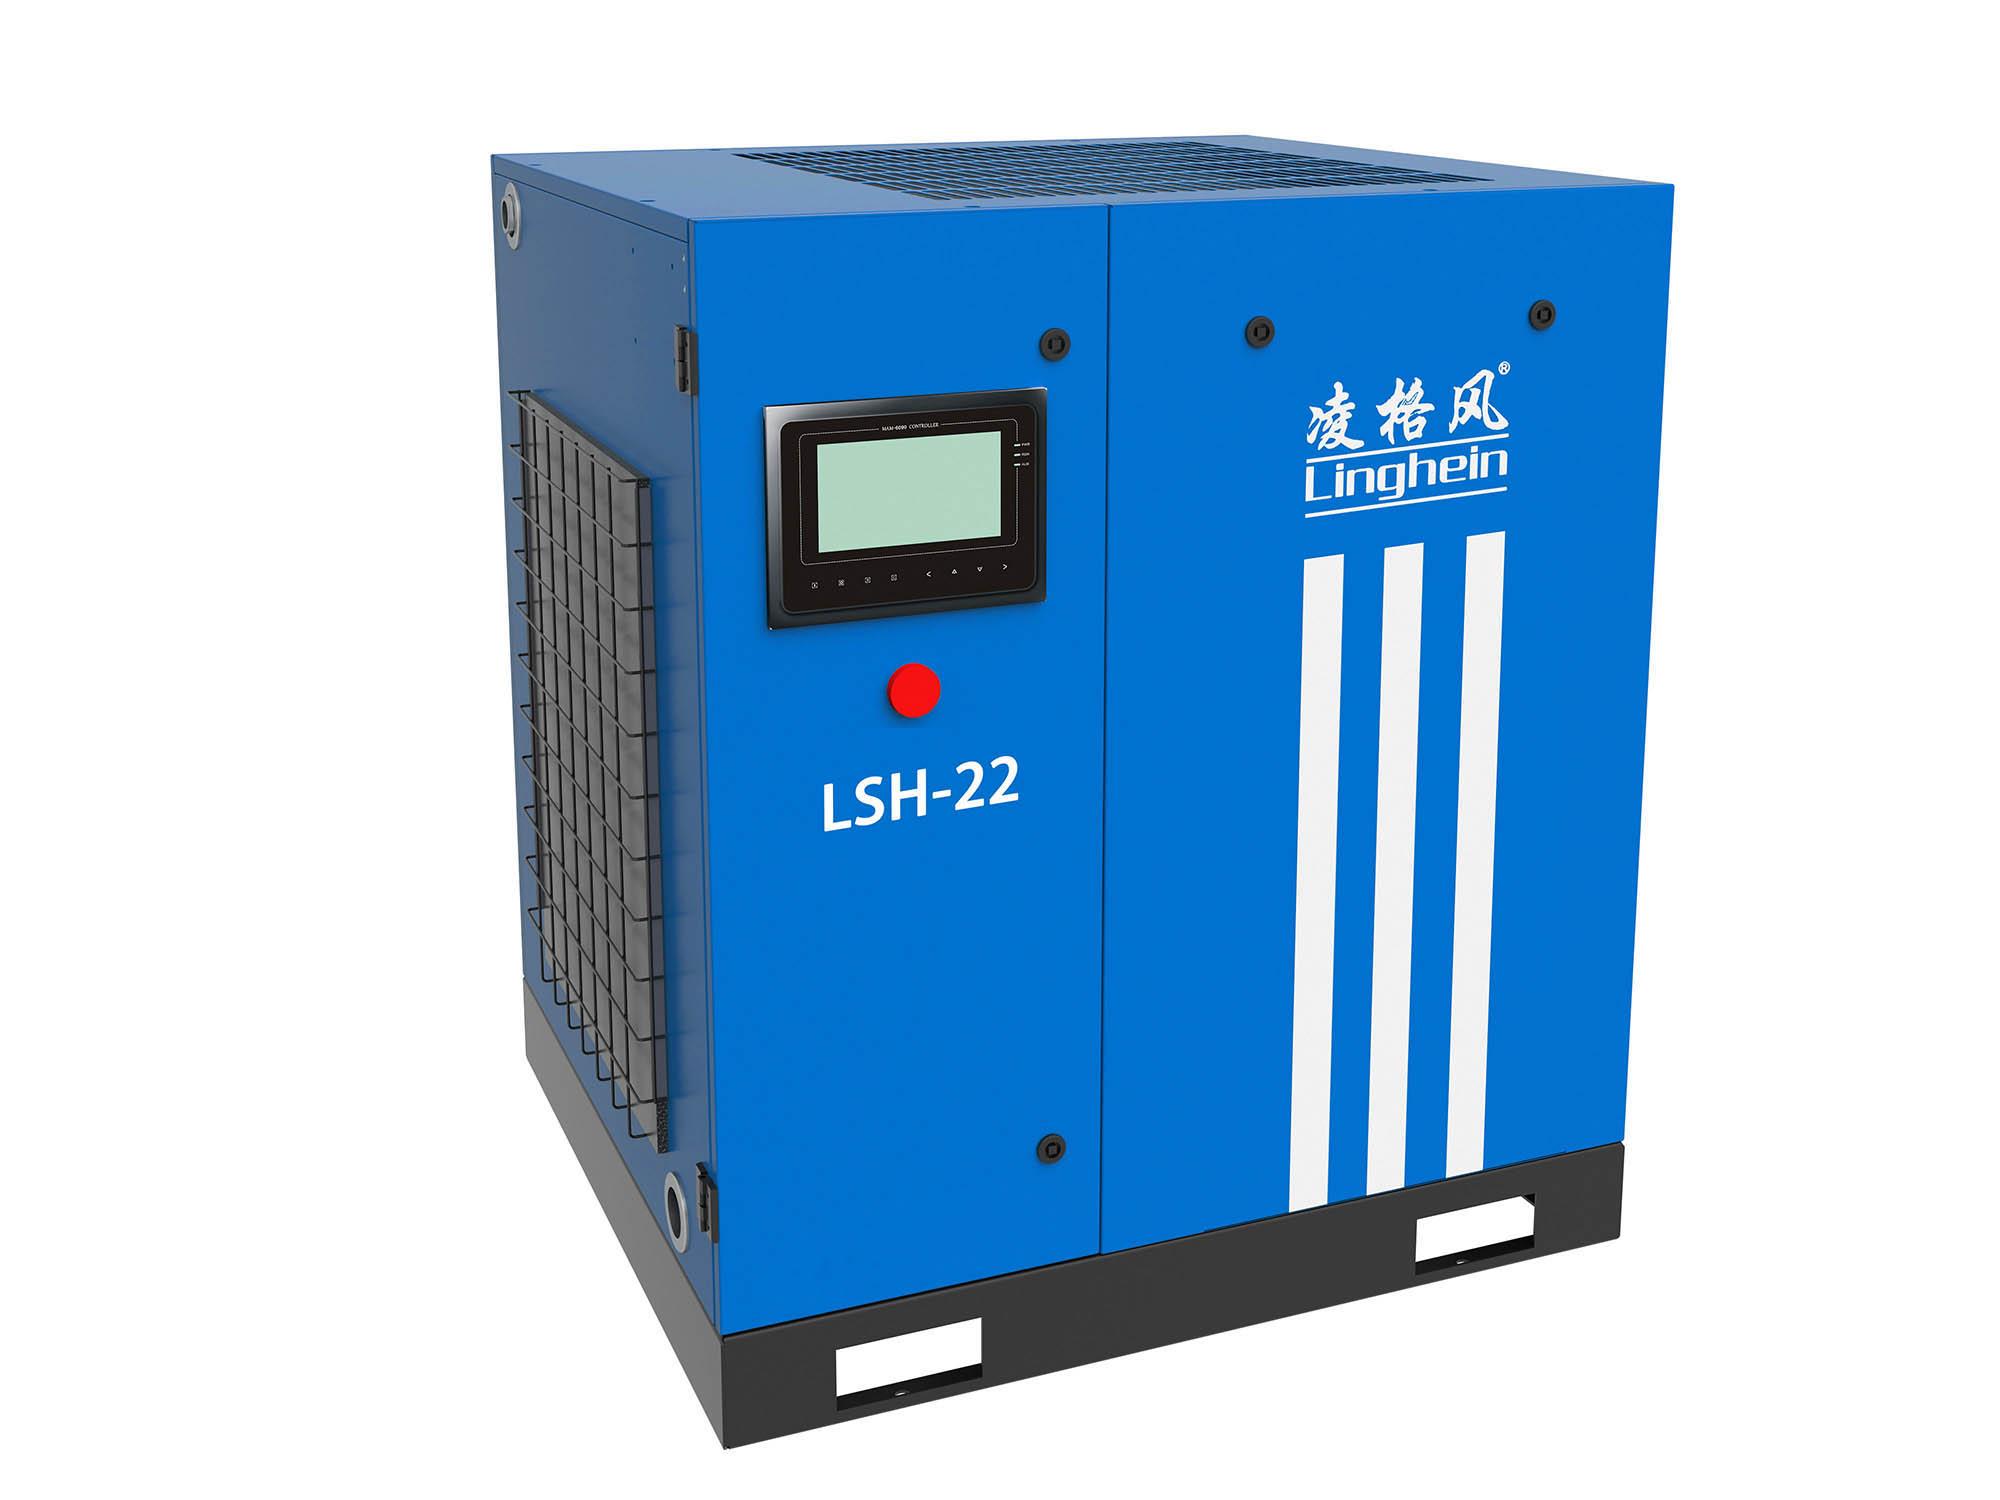 河北油冷永磁变频螺杆空压机 创造辉煌 上海凌格风气体技术供应